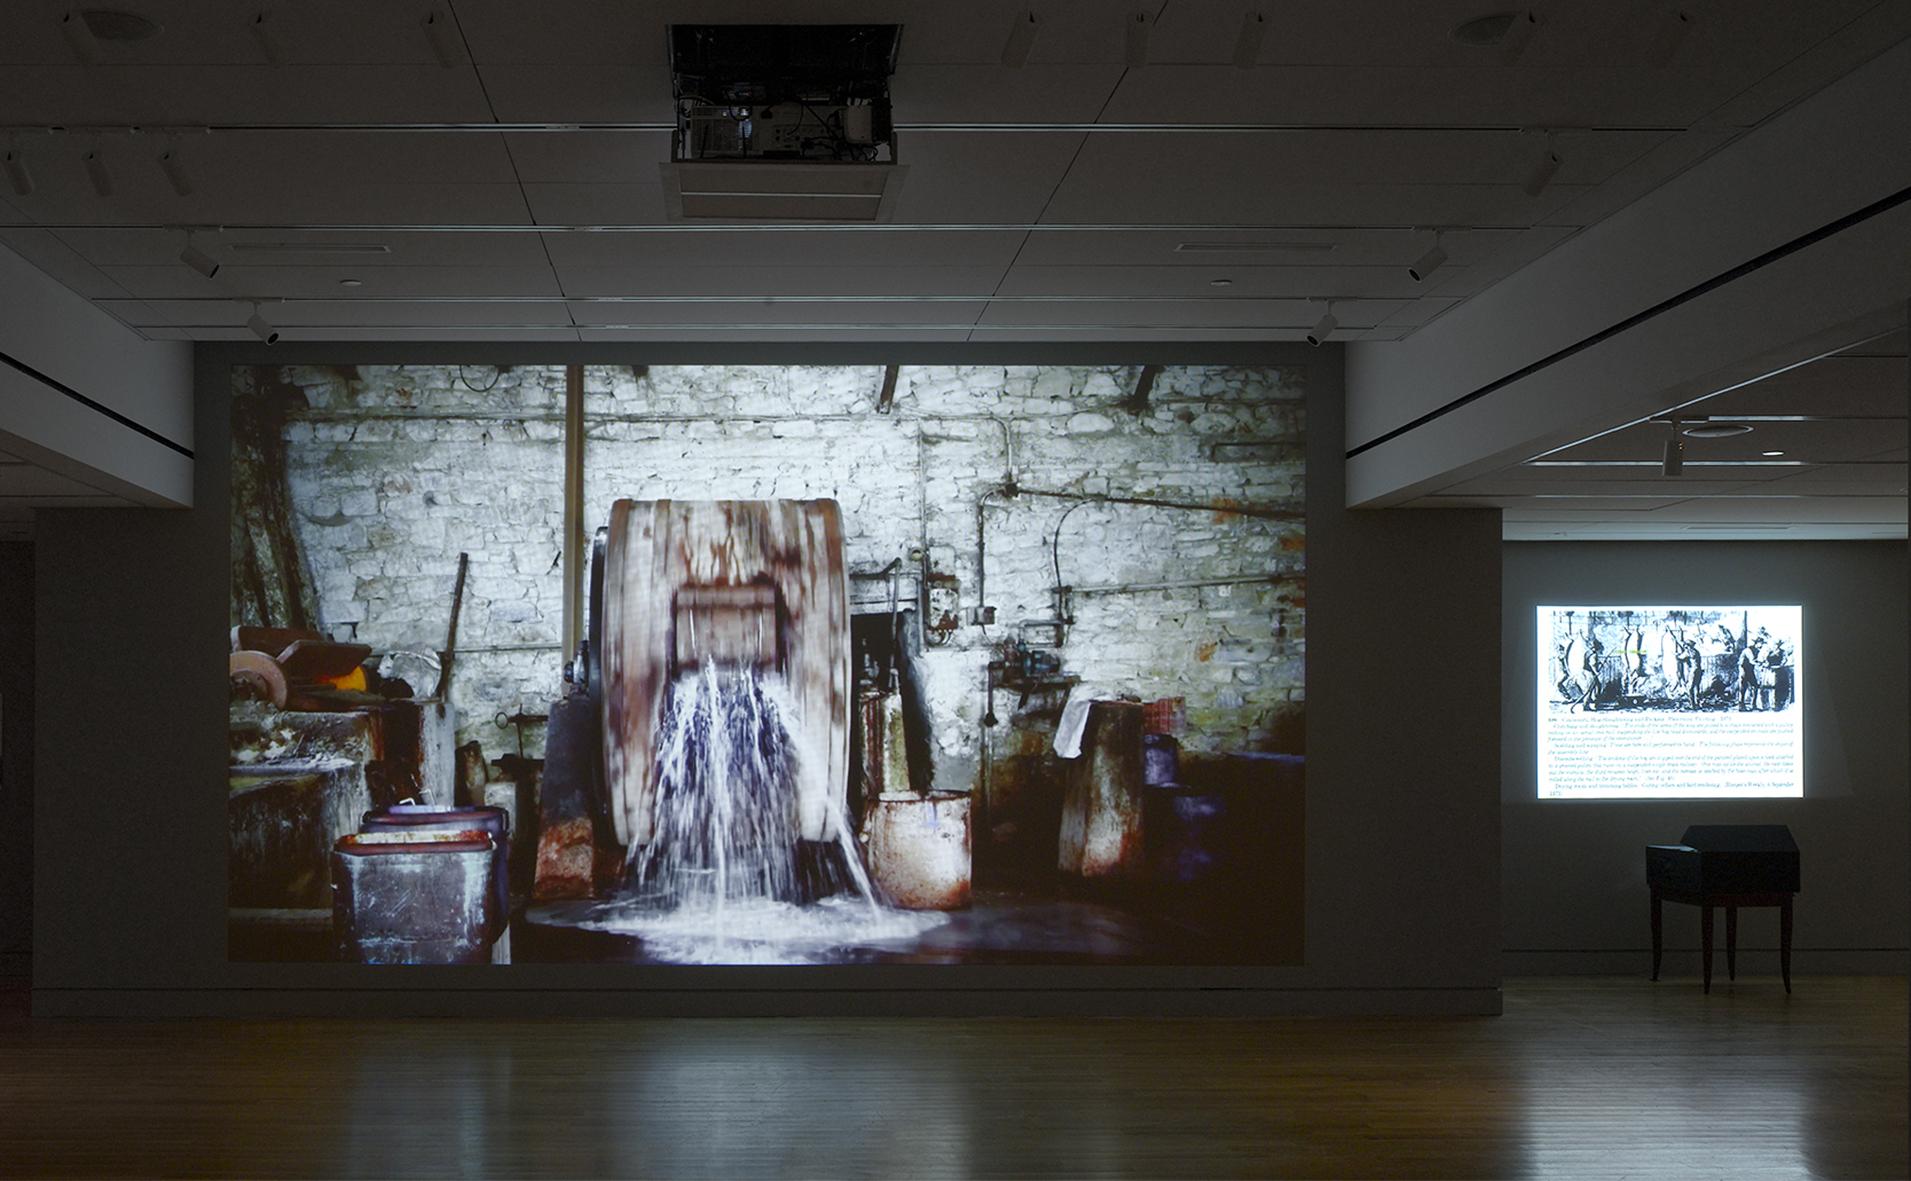 Μαρία Παπαδημητρίου, Ροτόμπολο, 2016 Βιντεοπροβολή Μεταβλητές διαστάσεις Άποψη εγκατάστασης, Laboratory Antigone, 2016 Ανάθεση του Onassis Cultural Center New York στο πλαίσιο του Onassis Festival NY 2016: Antigone Now Φωτο: Joseph Coscia, Jr.